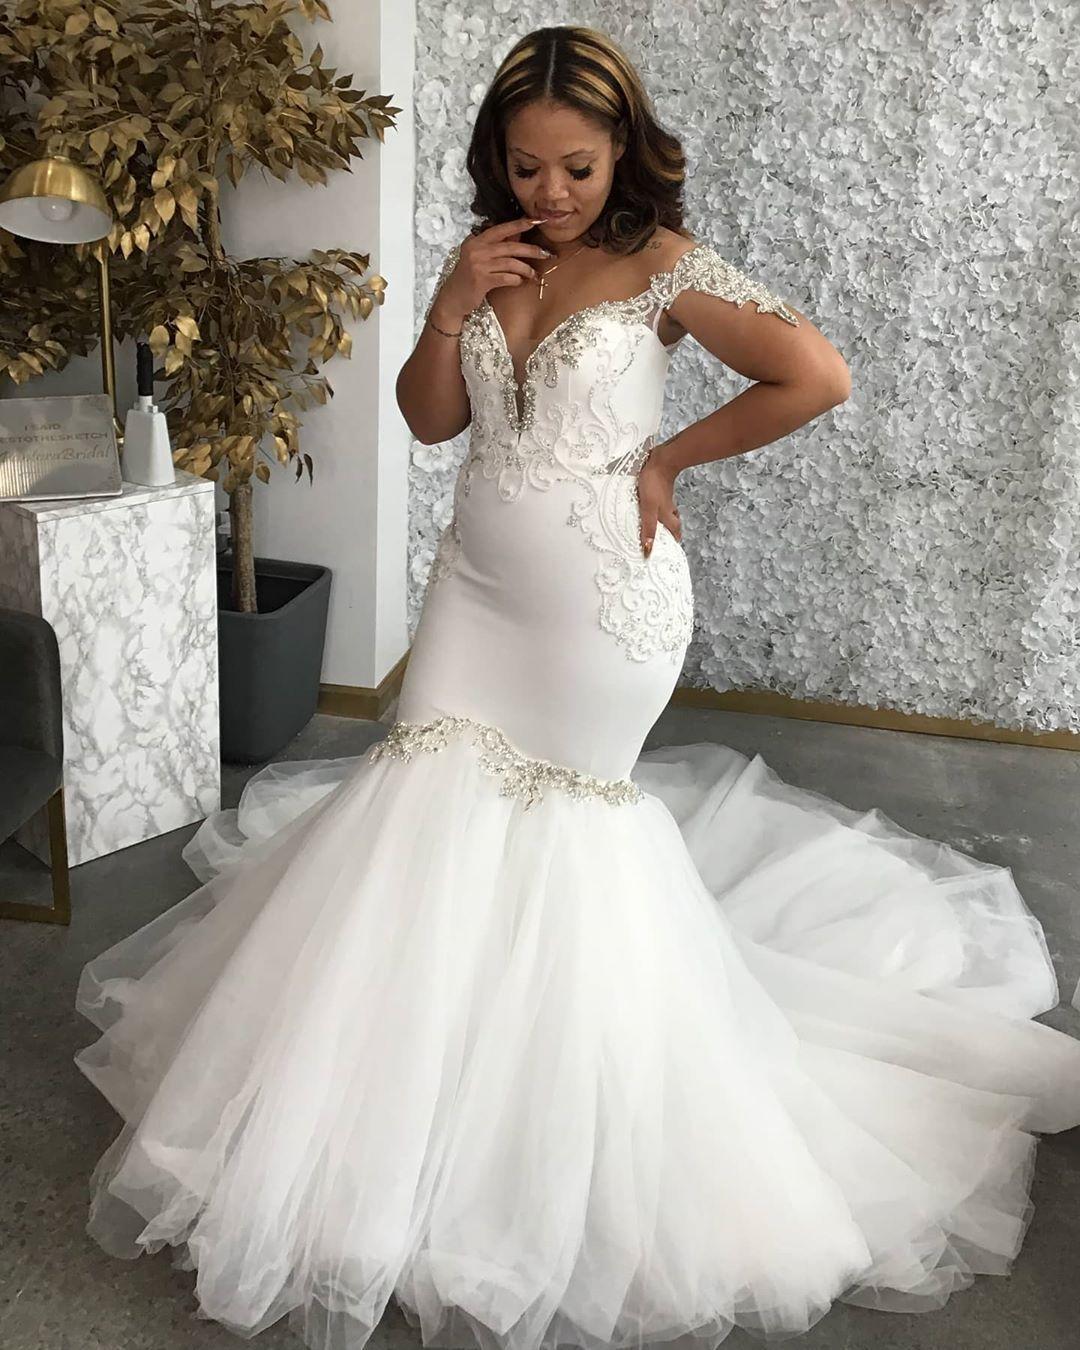 2020 Plus Size Arabisch Aso Ebi Spitze Crystals Mermaid Brautkleider Günstige Sexy Brautkleider Elegante Brautkleider ZJ0423